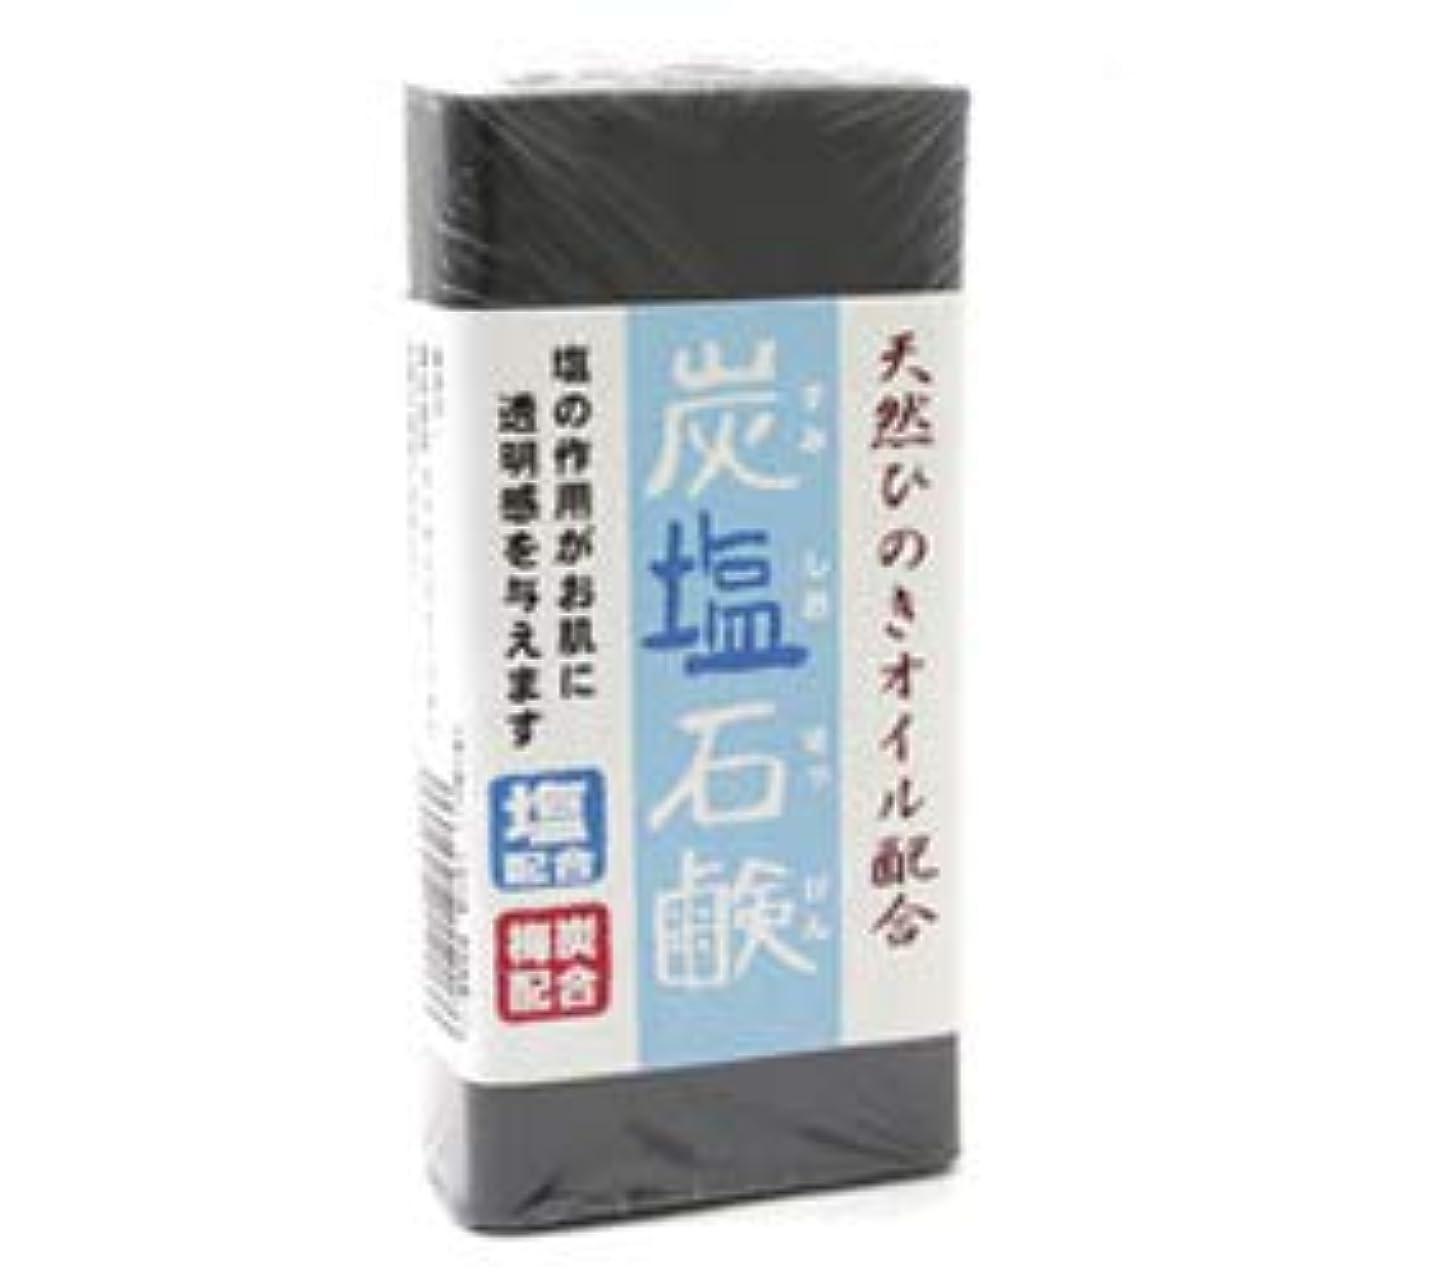 指定するバーチャルペインティング炭塩石鹸 ロングサイズ 【 天然ひのきオイル配合】